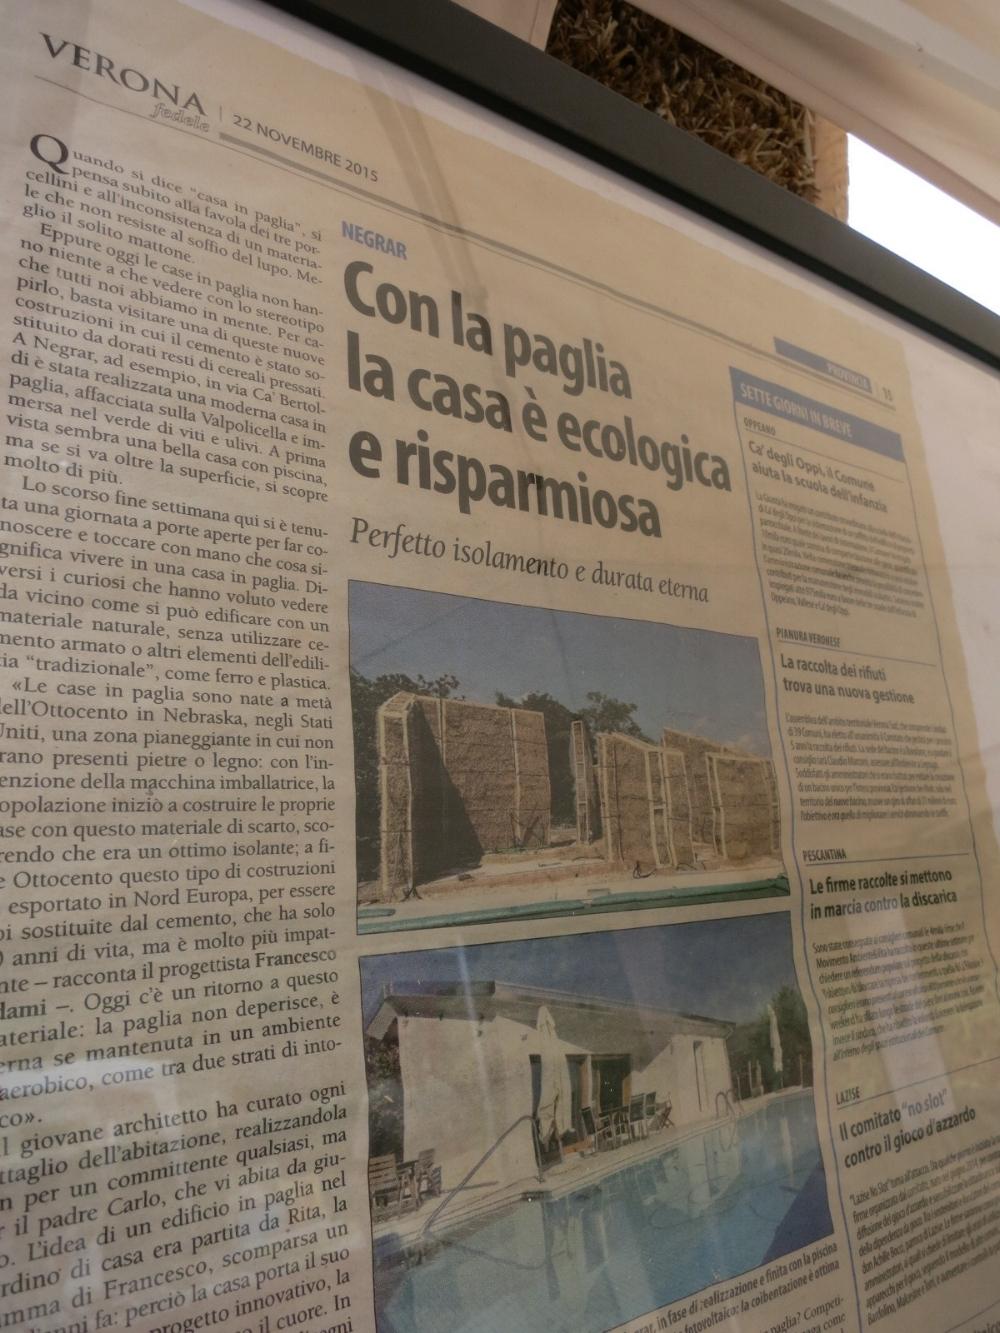 Nicola-preti-architetto-verona-case-da-coltivare-03.jpg